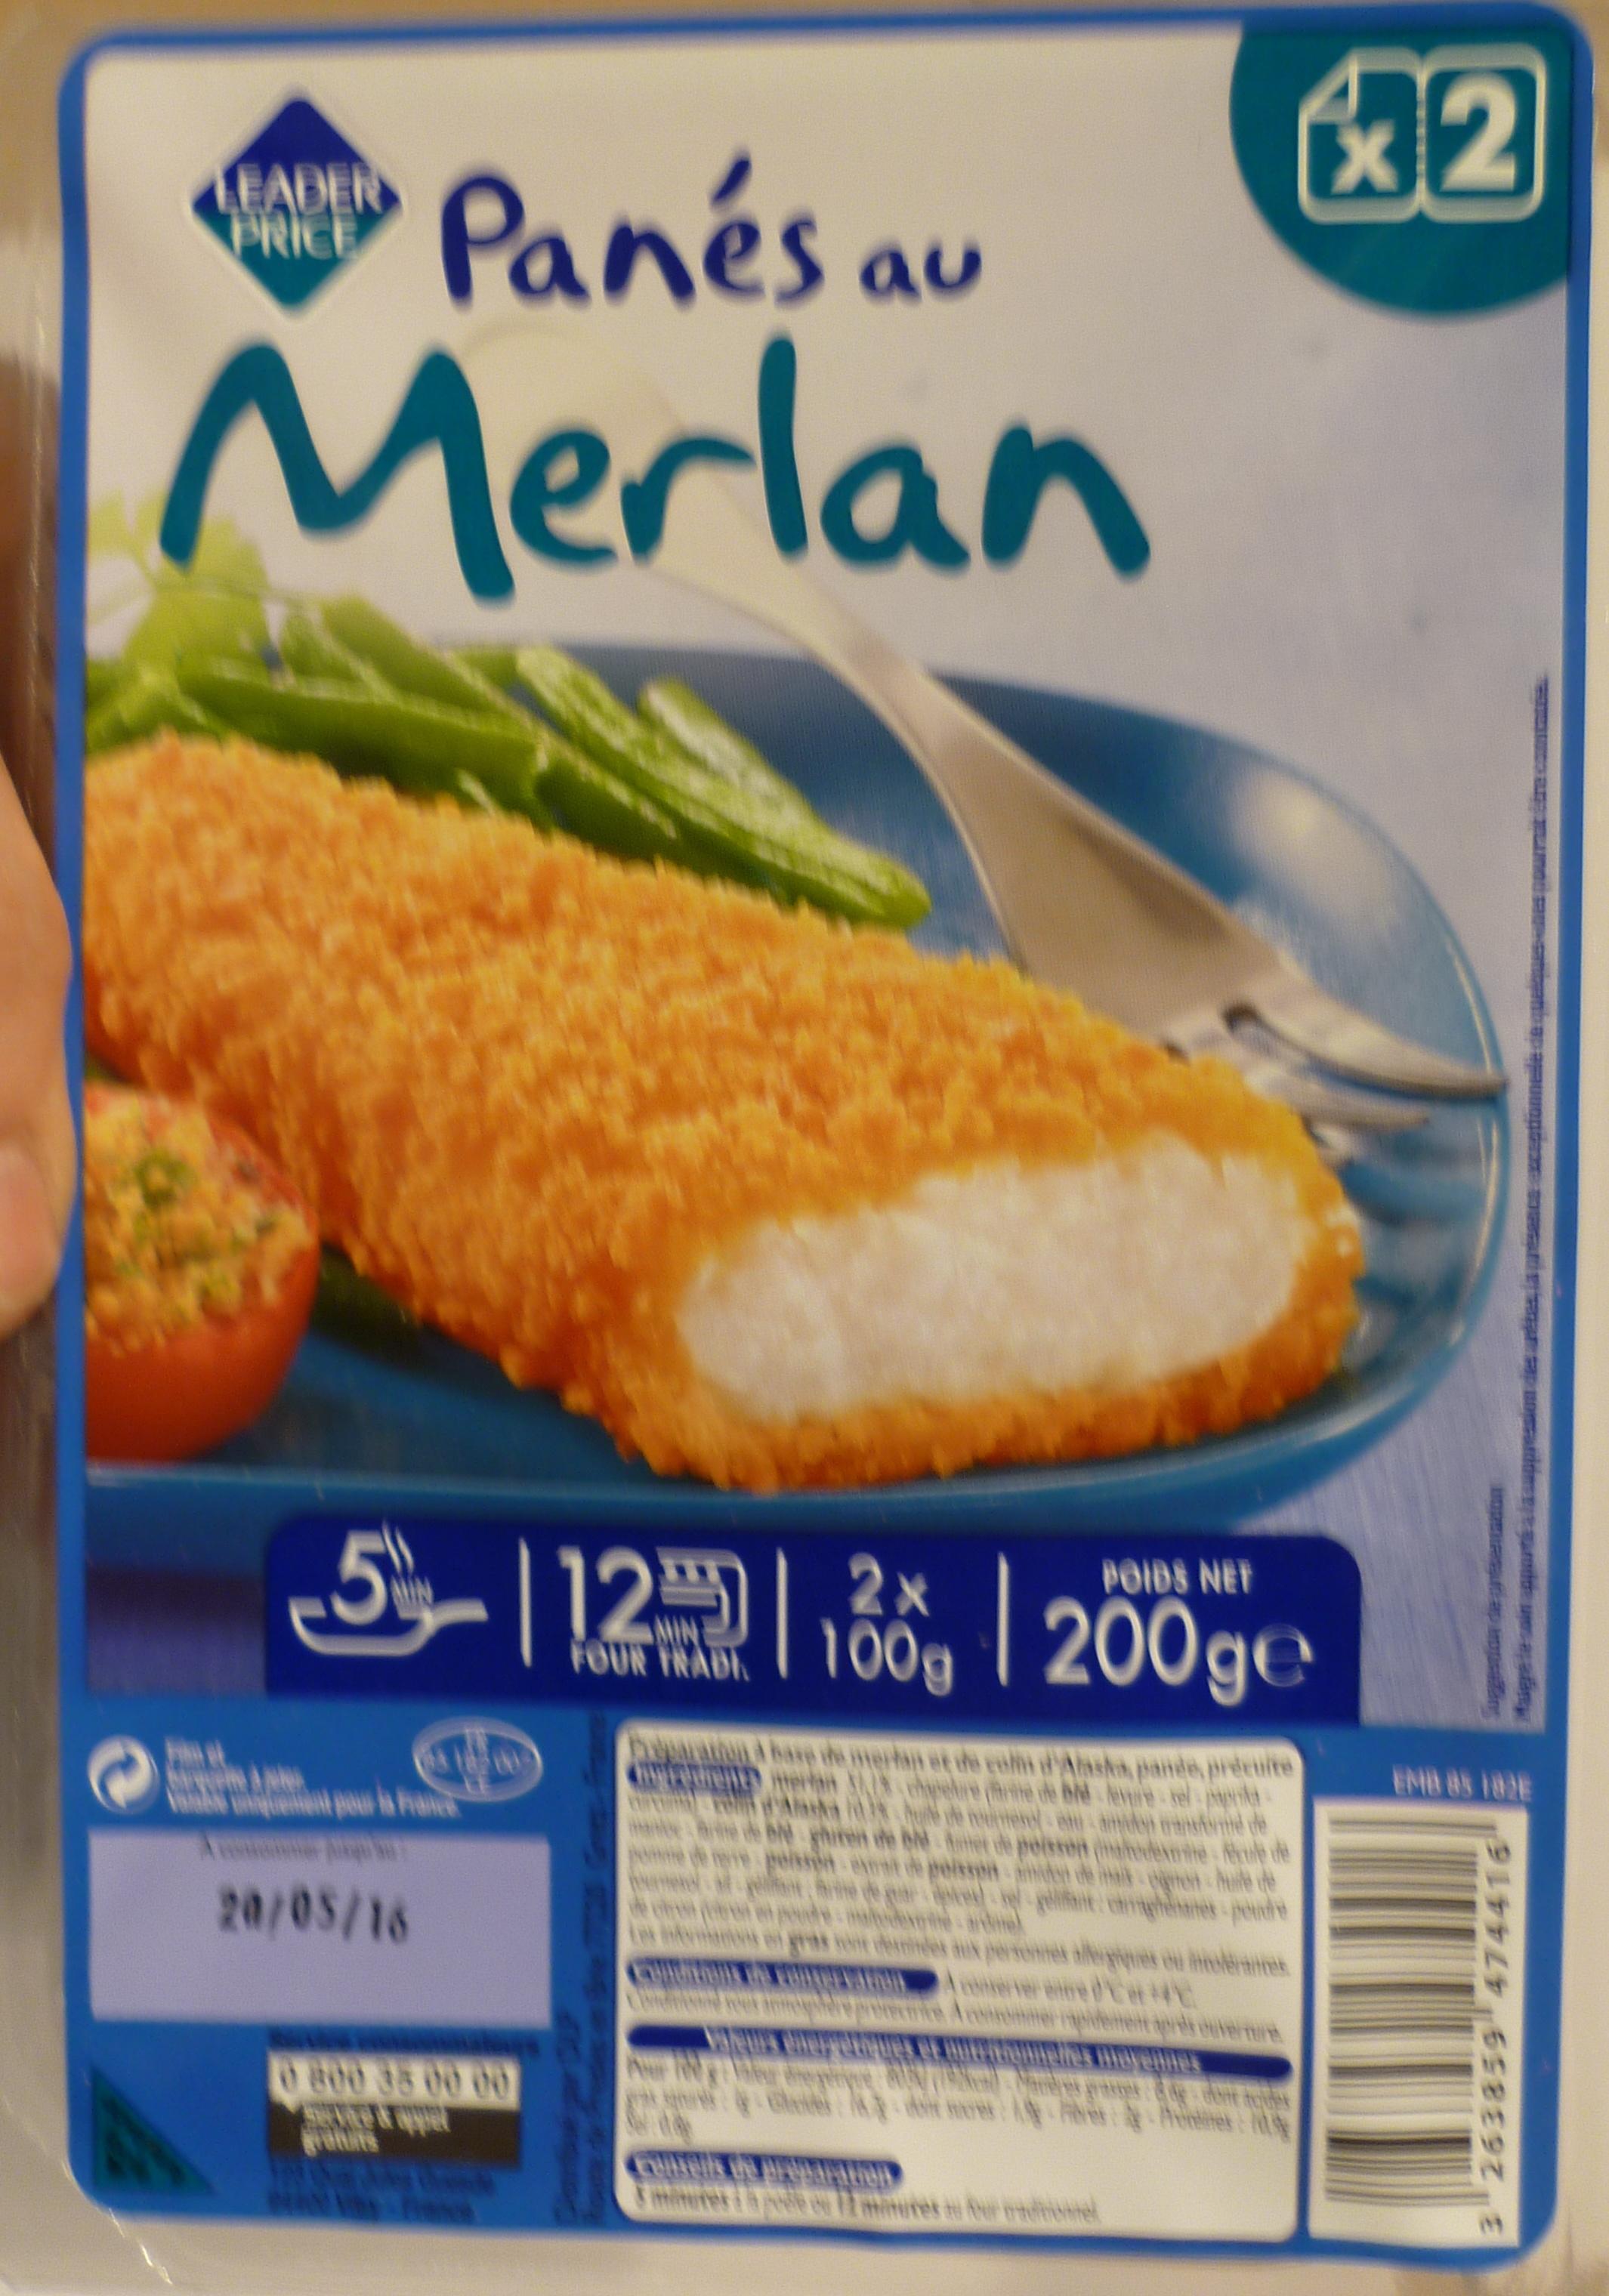 Panés au merlan - Product - fr